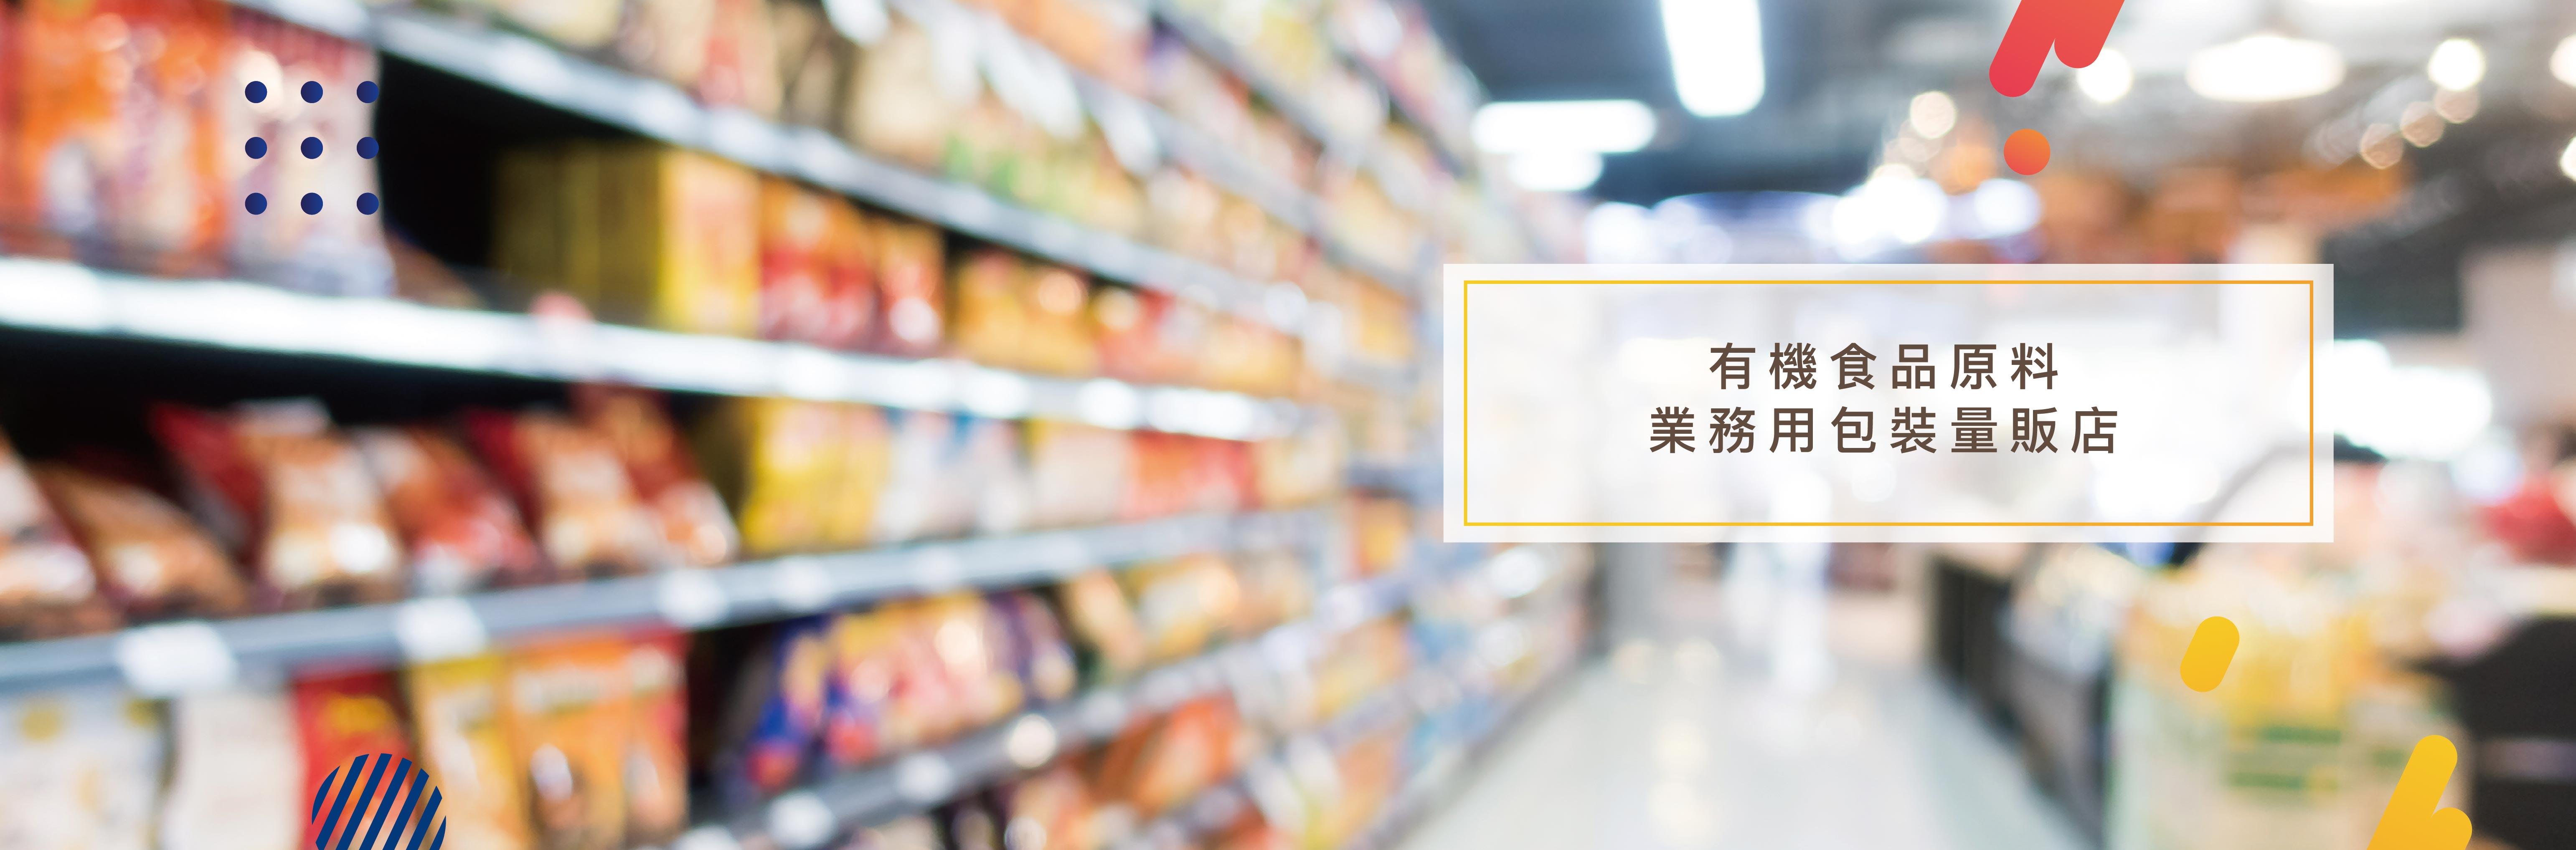 有機食品原料業務用包裝量販店